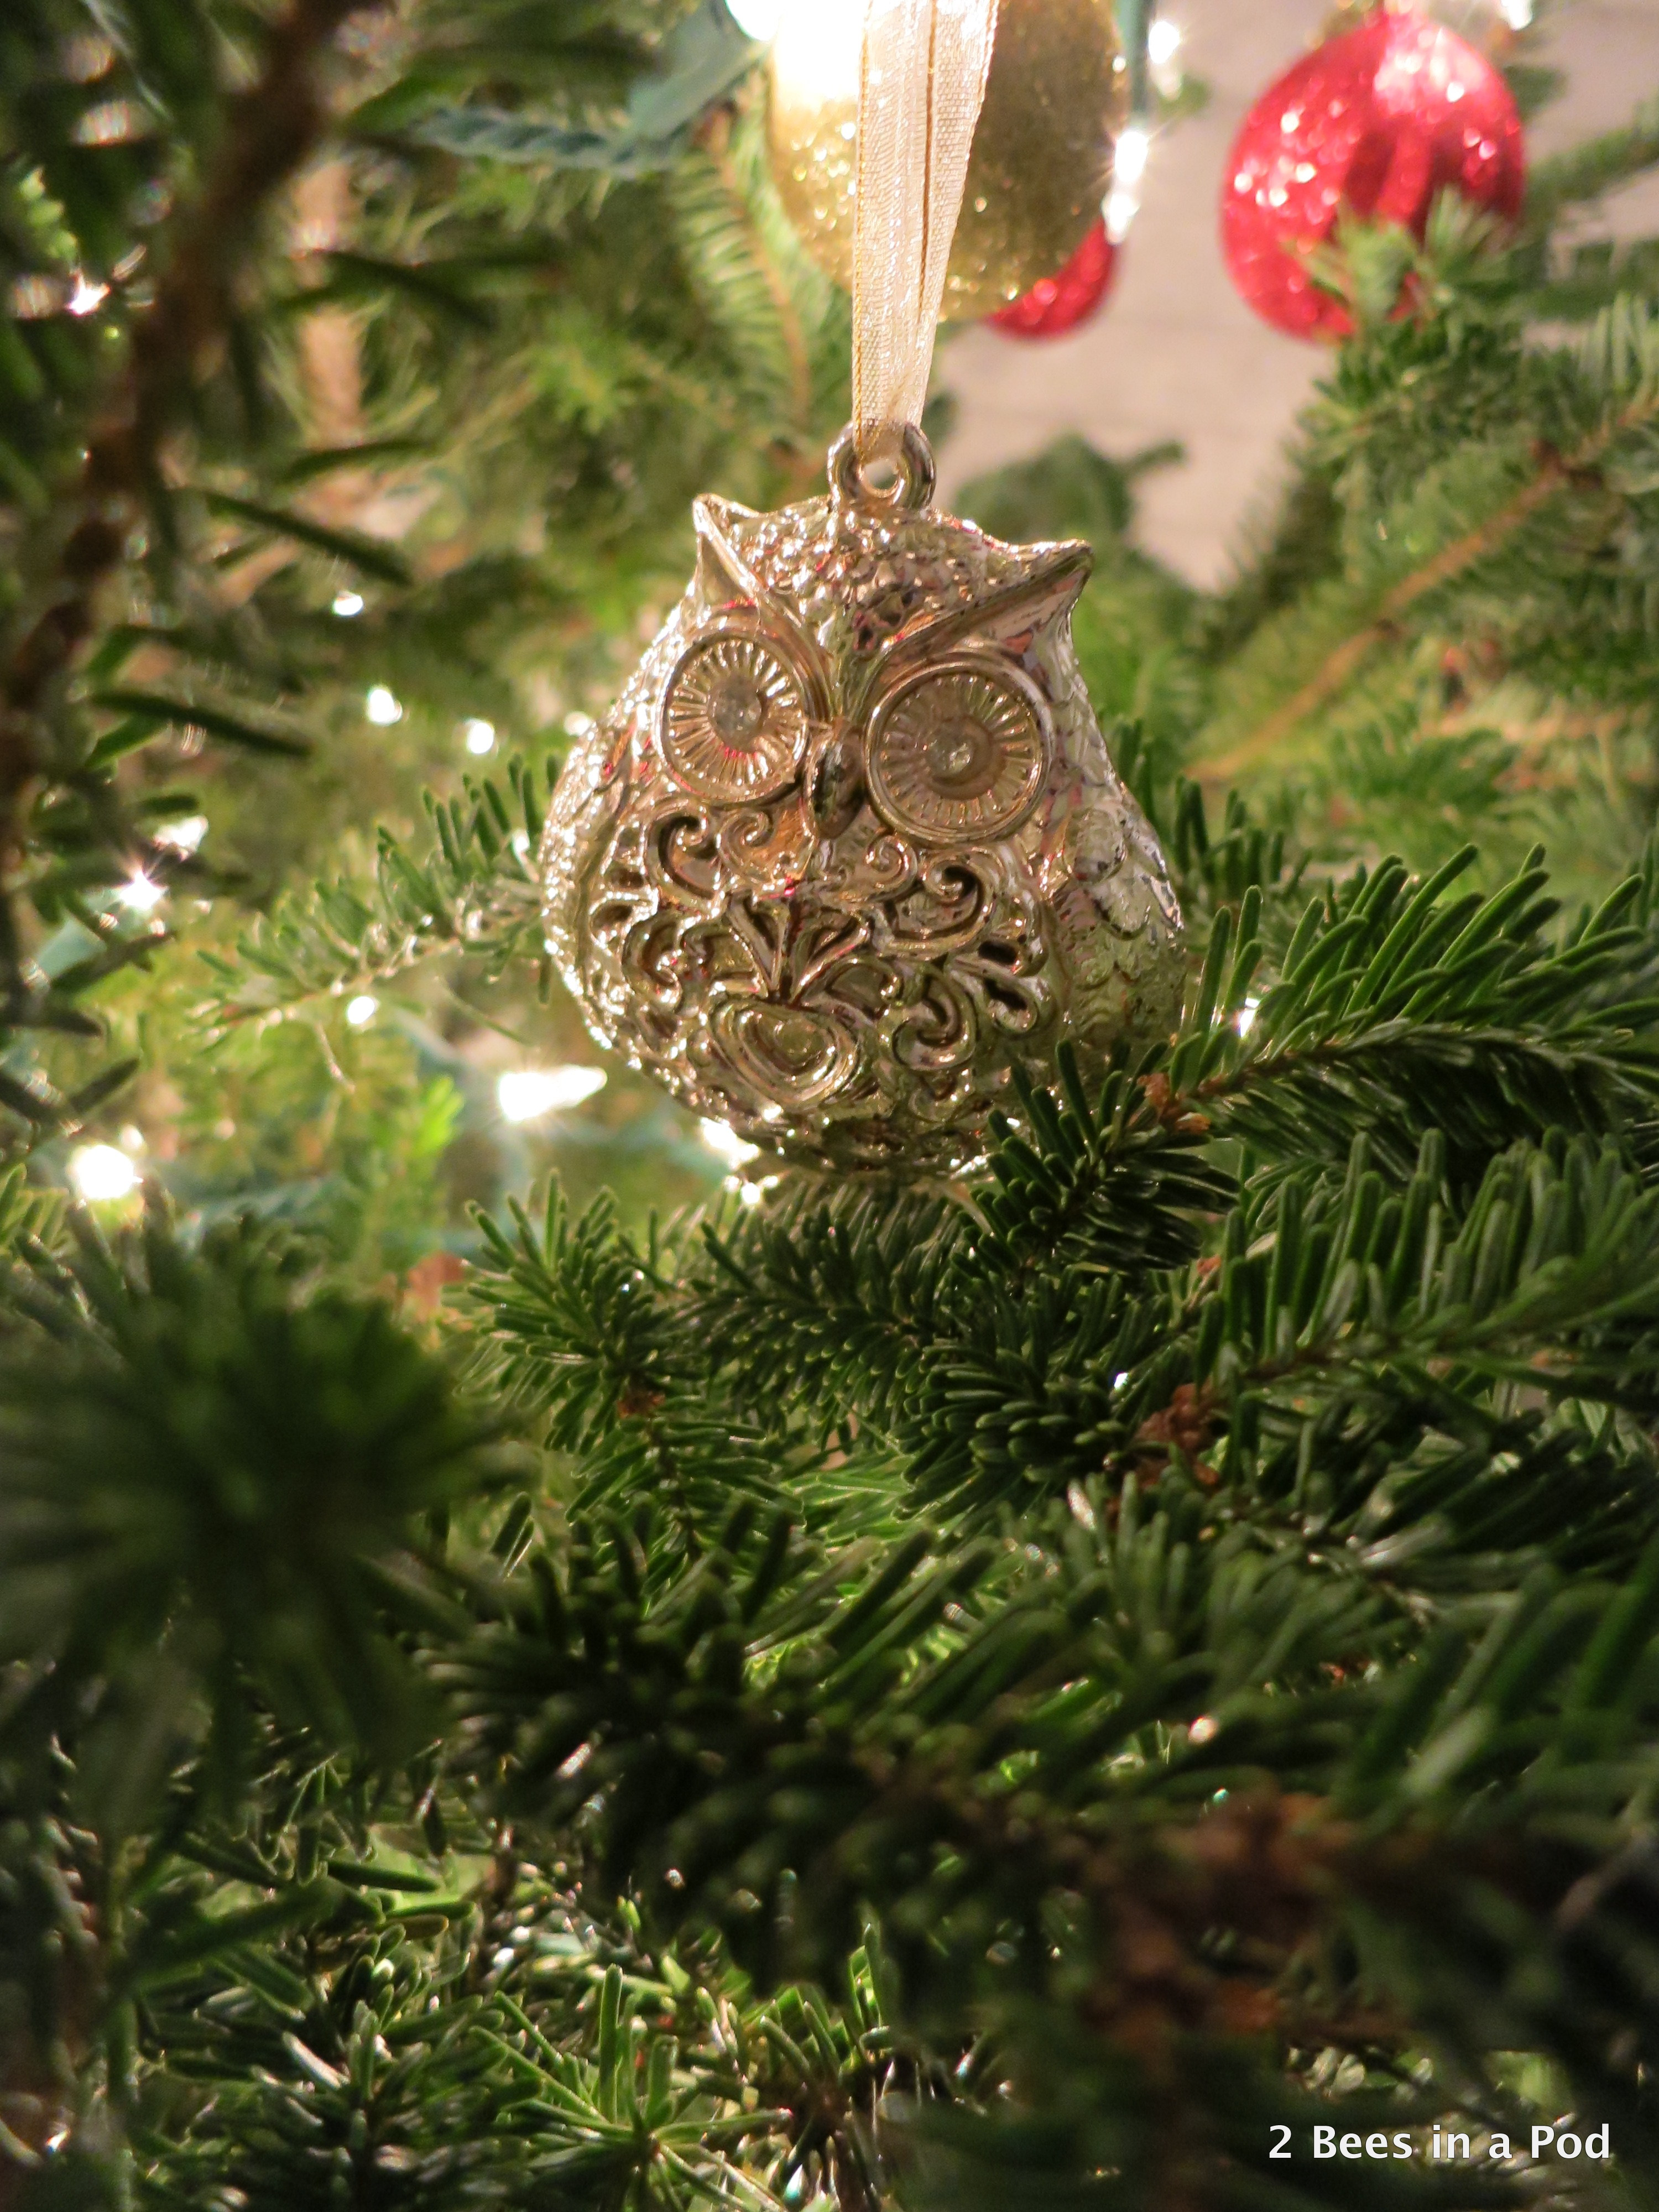 Christmas Home Tour. Christmas Tree with Owl Ornament